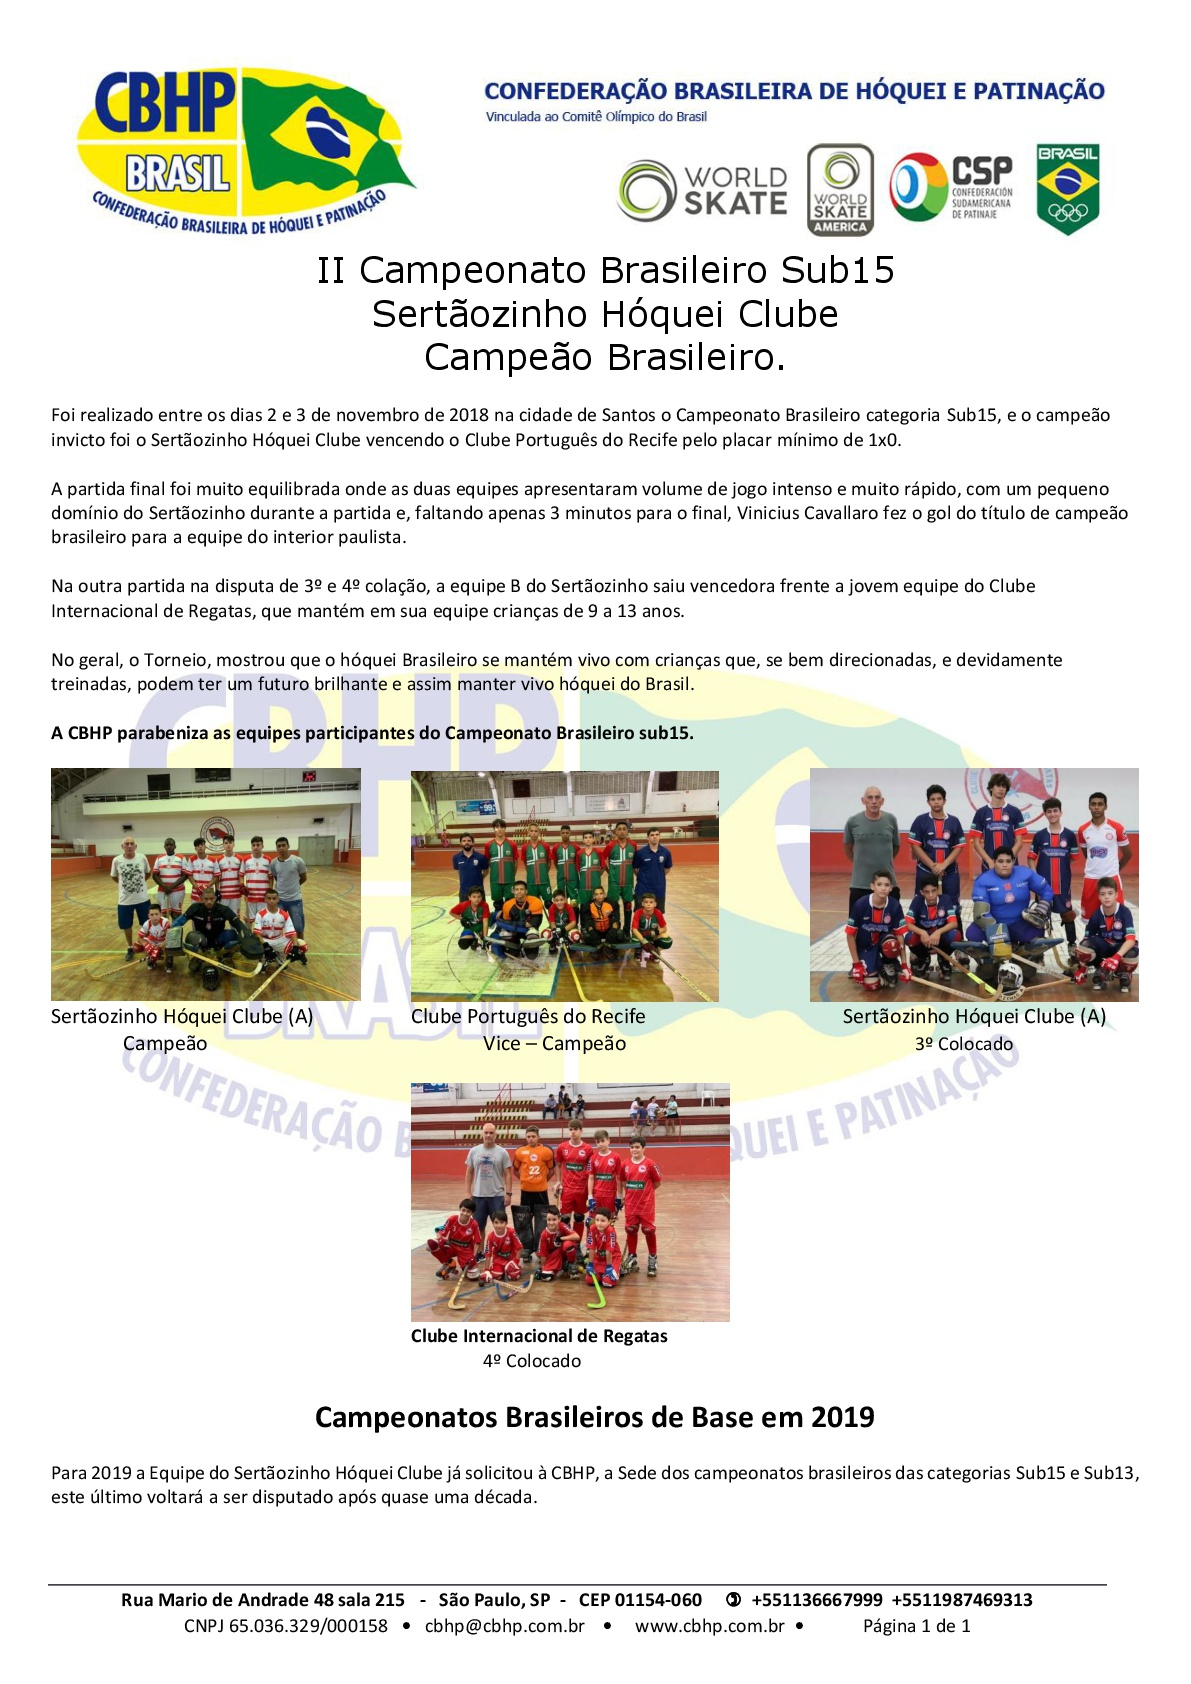 Campeonato Brasileiro de Hóquei Tradicional Sub-15 2018 – Classificação  Final 24705ce040186